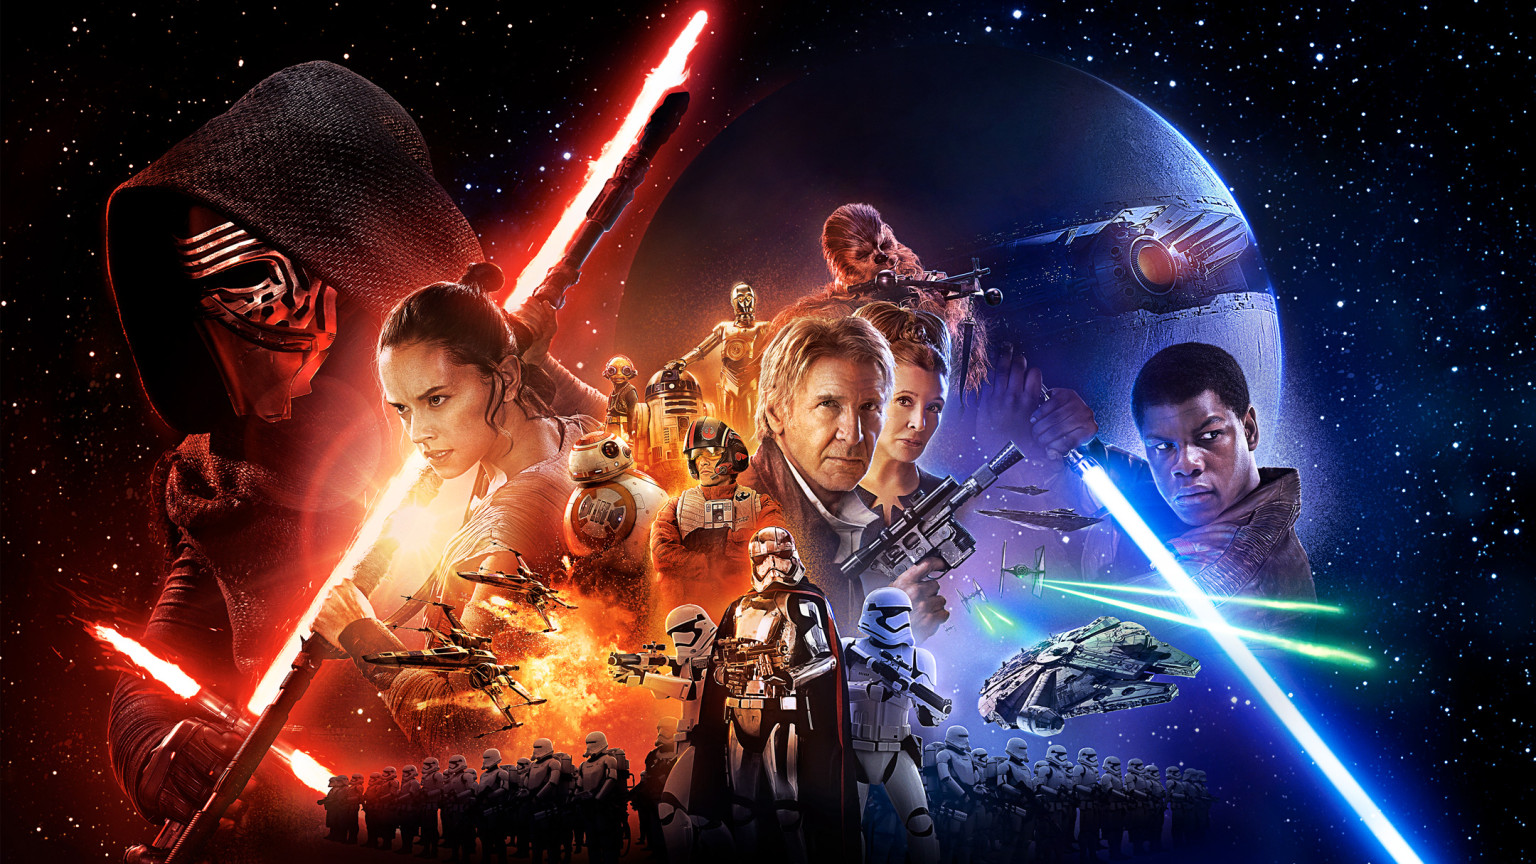 """""""Star Wars: Episode VII - Das Erwachen der Macht"""" läuft seit dem 17. Dezember im Kino"""